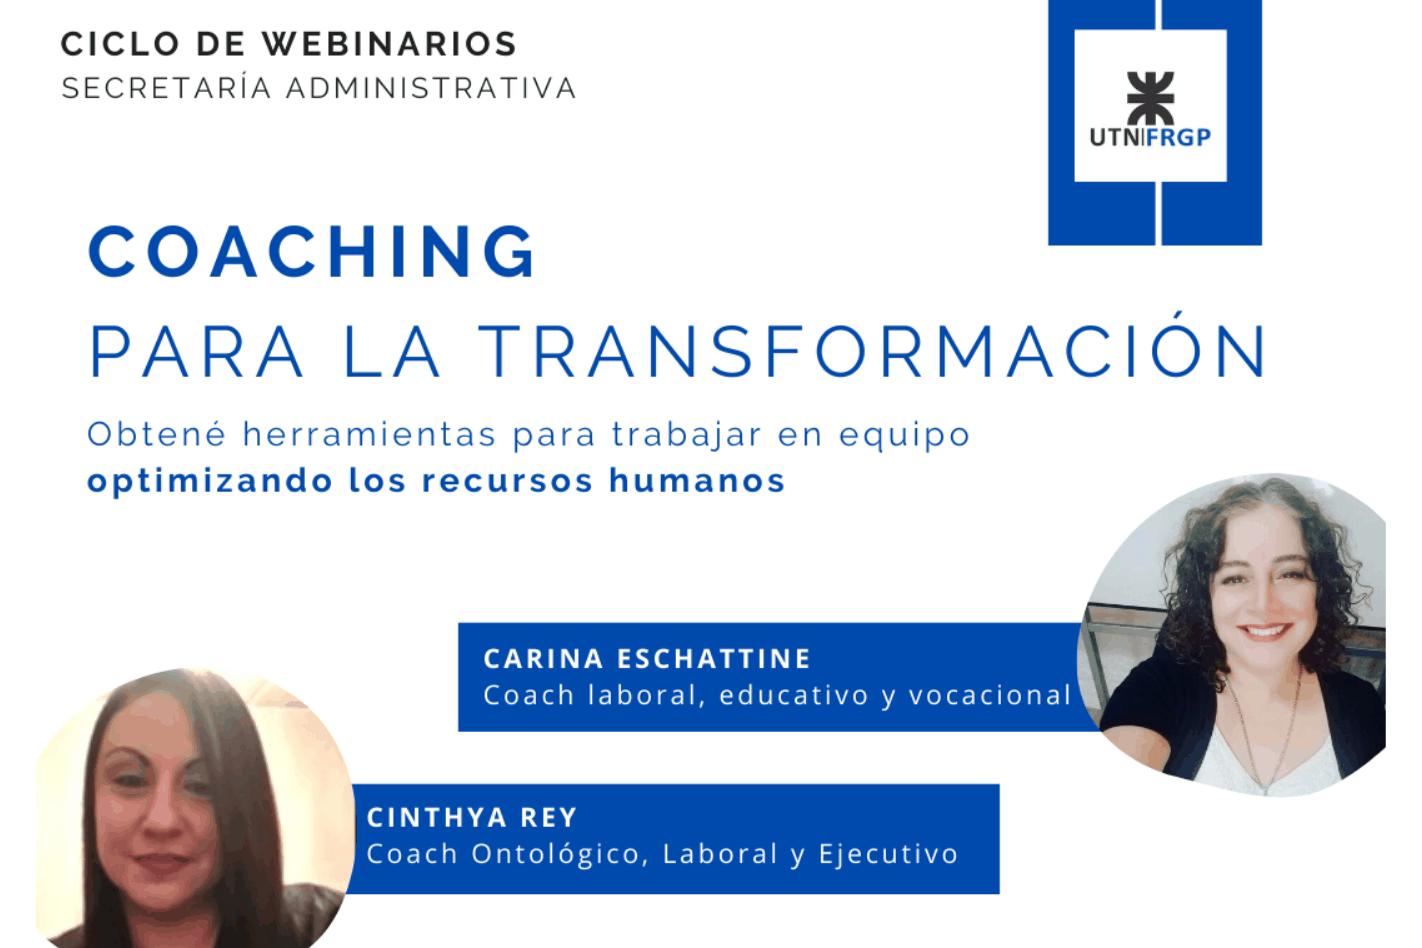 Webinar: Coaching para la transformación